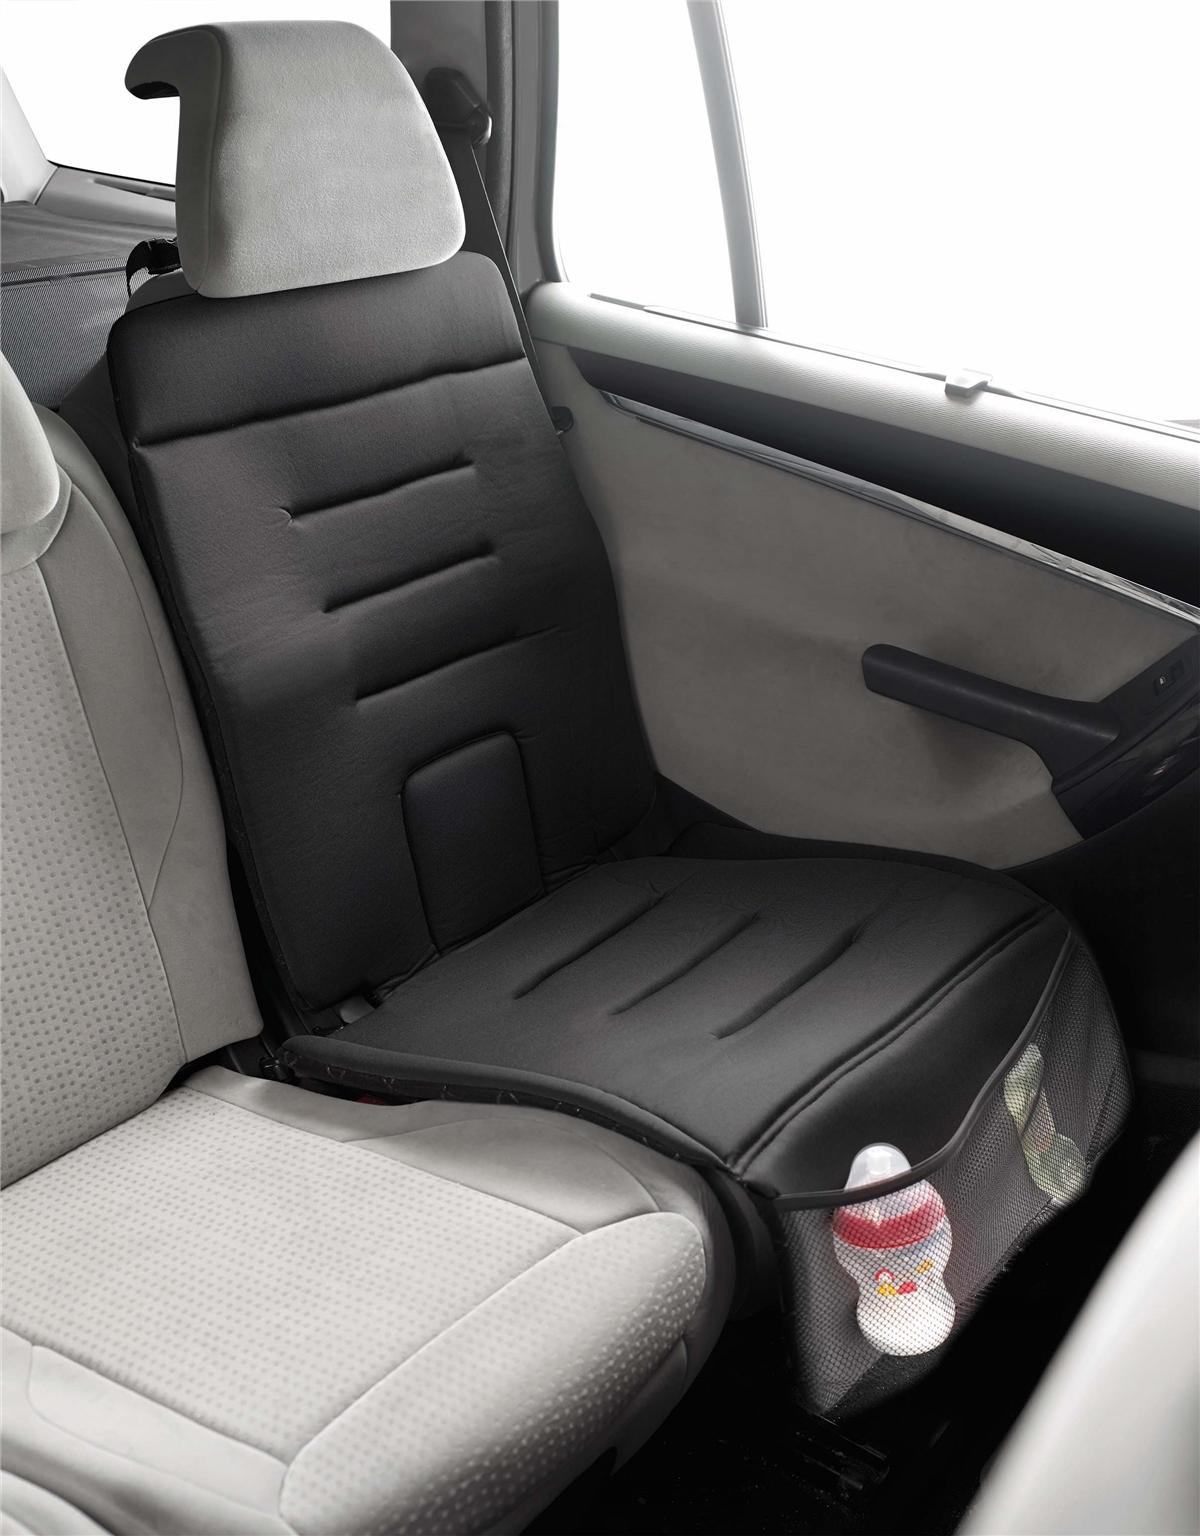 Jane Car Seat Protector Cover Jane-uk.com